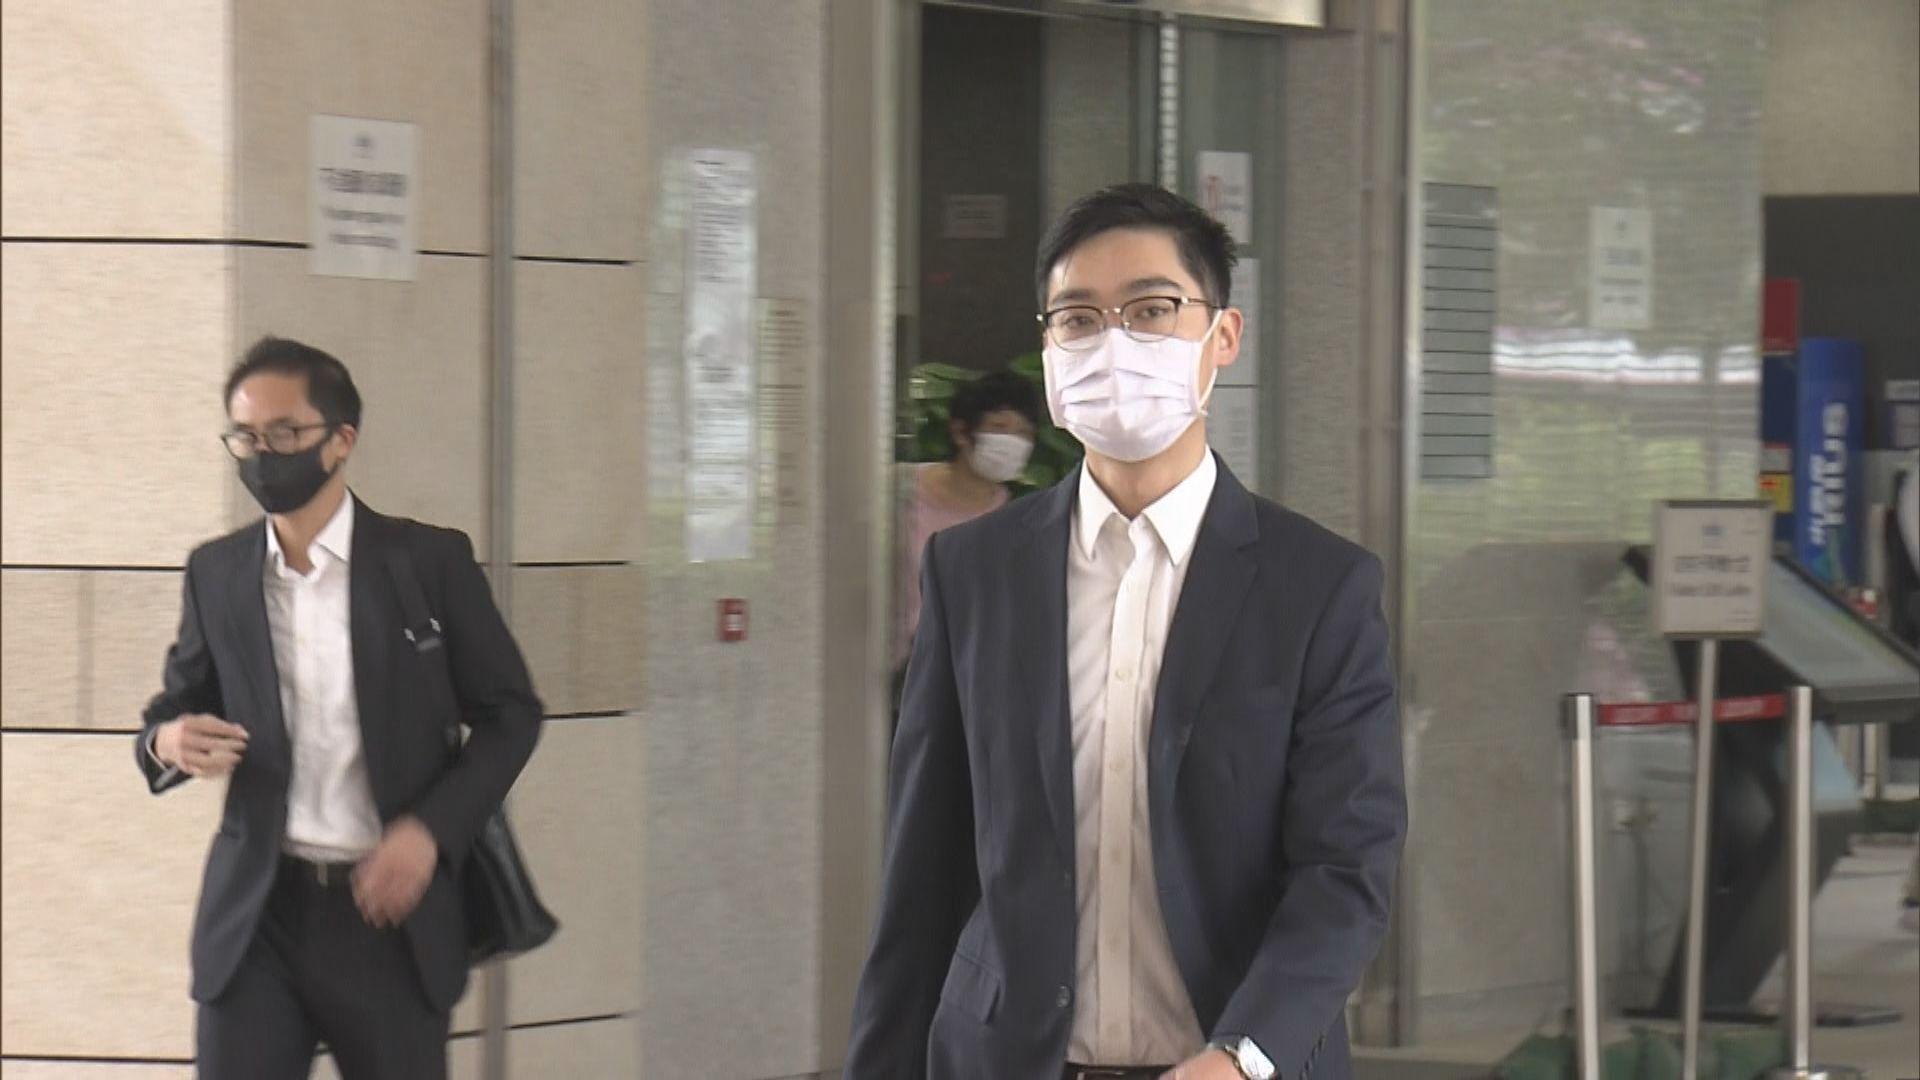 去年「光復上水」遊行 陳浩天否認非法集結及襲警